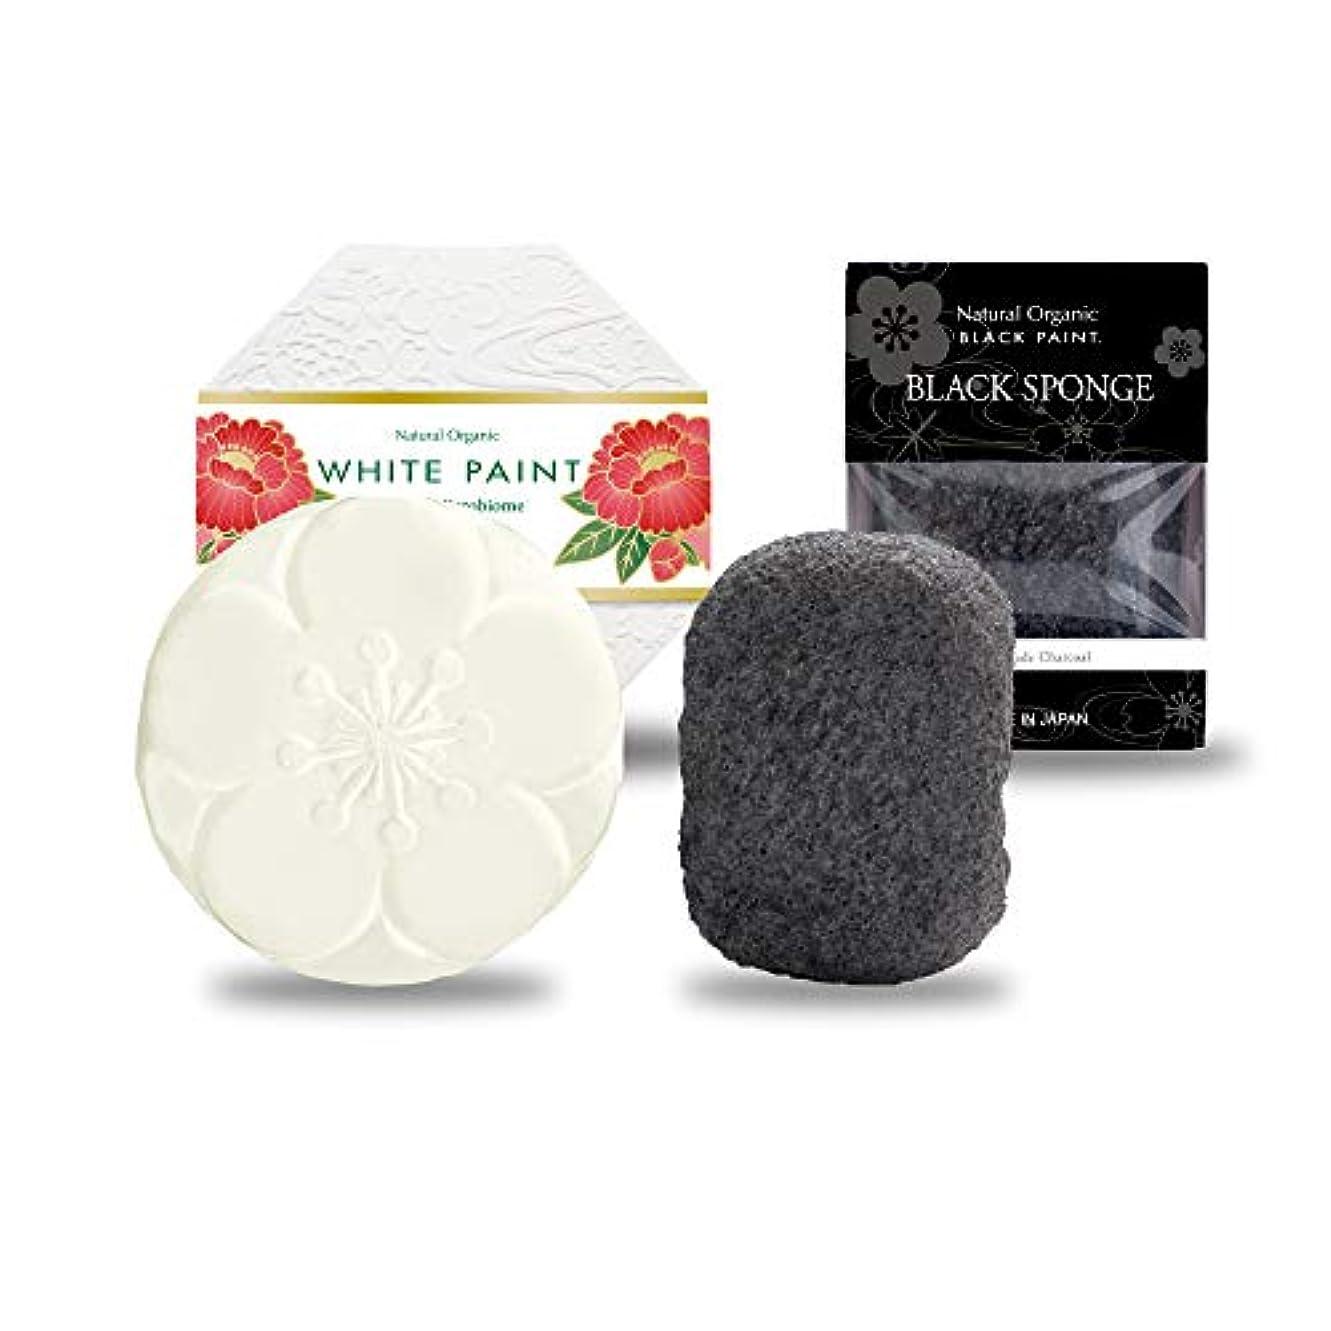 安定したスイング多数のプレミアムホワイトペイント120g&ブラックスポンジ 洗顔セット